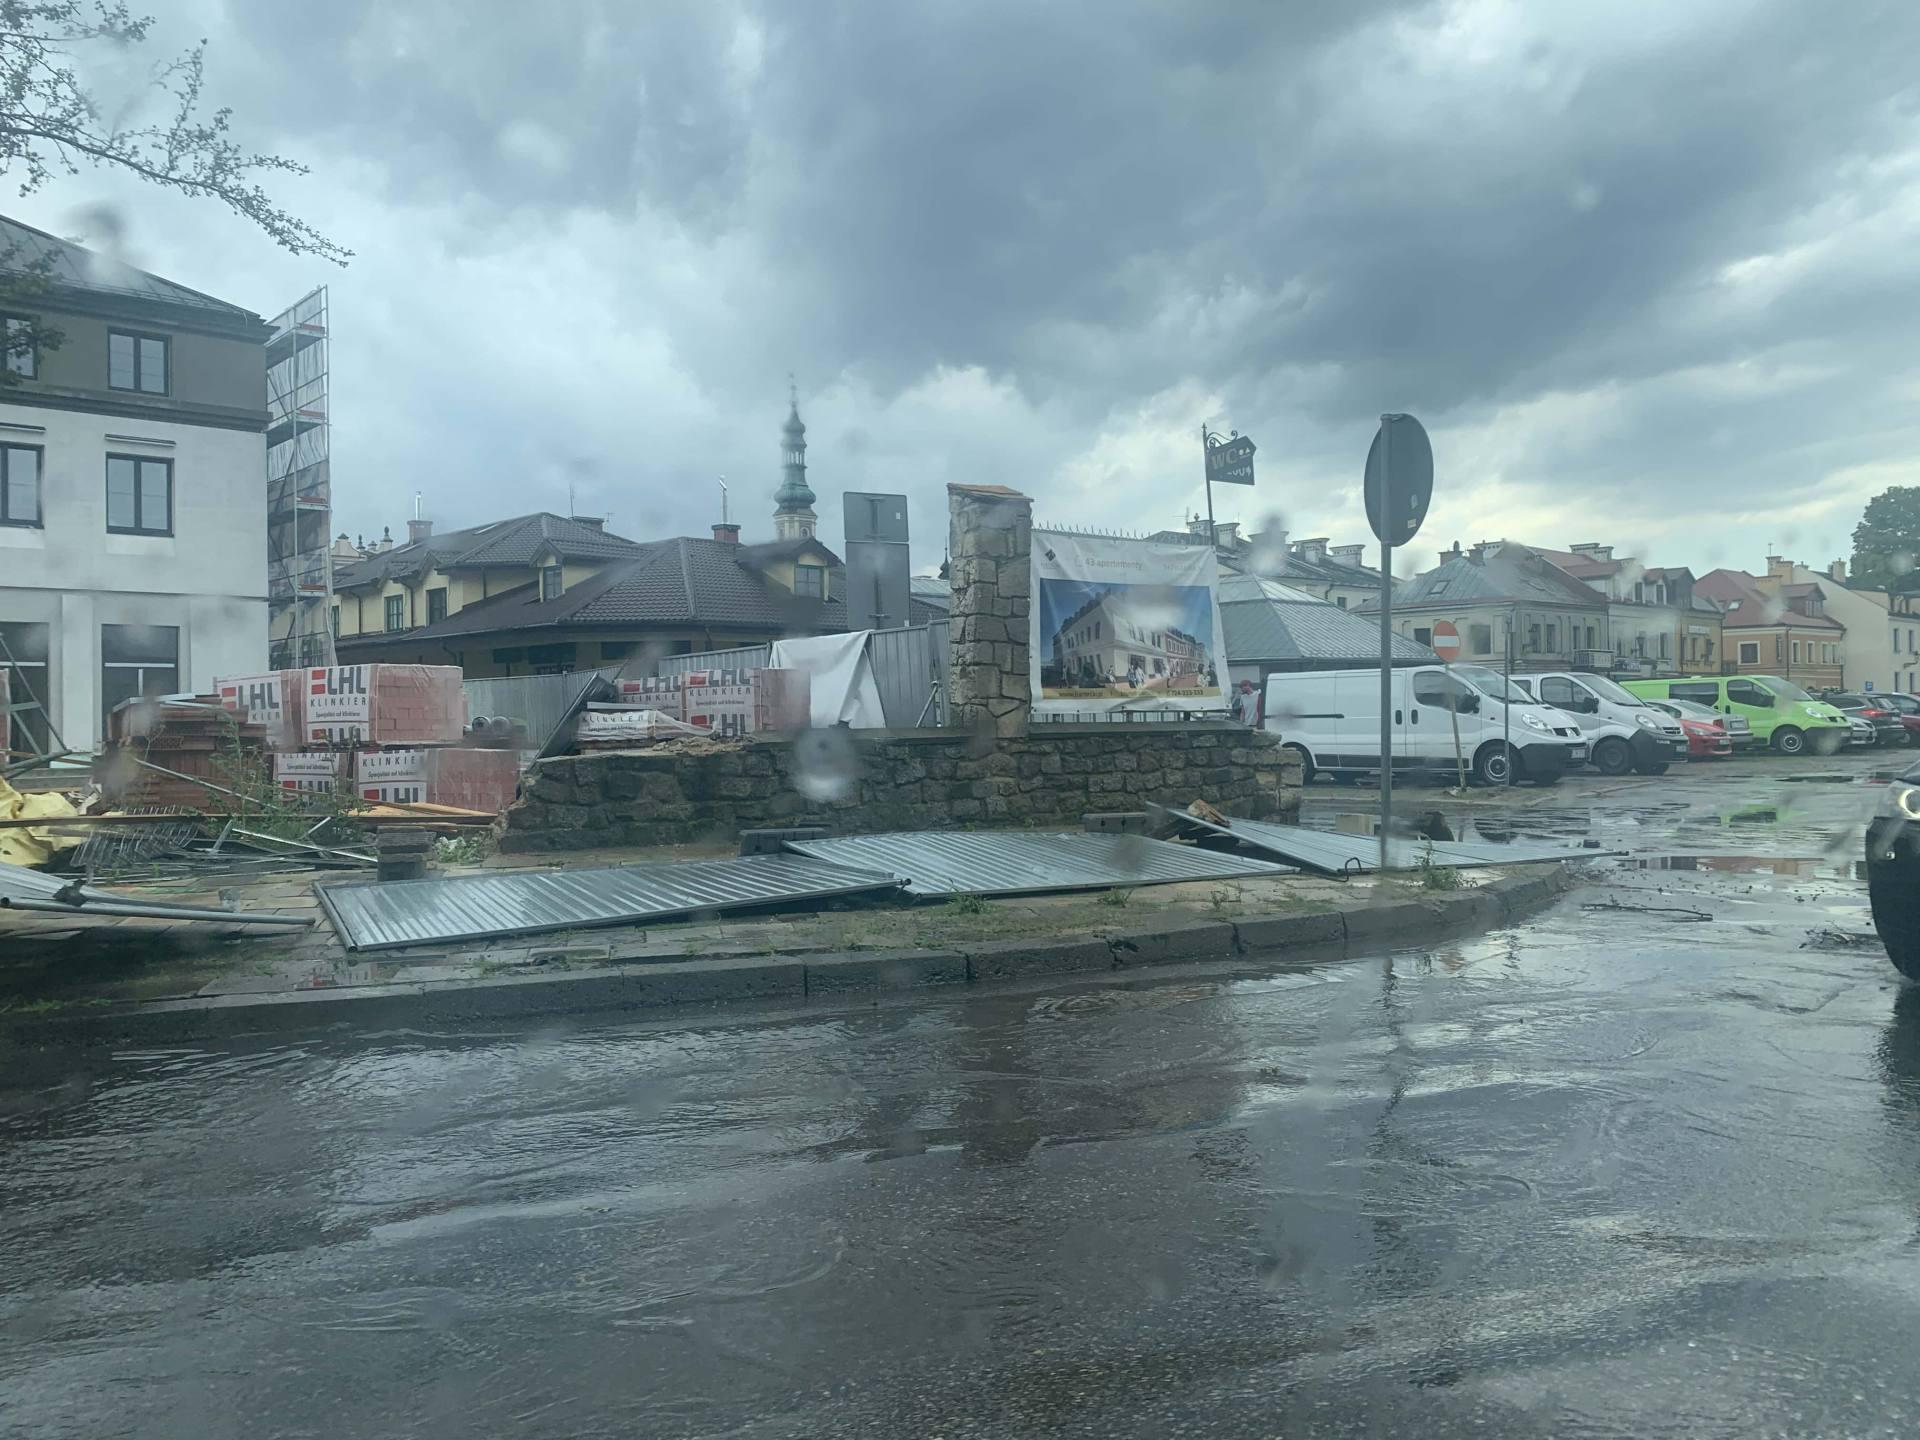 img 0942 Zerwane dachy, połamane drzewa, uszkodzone samochody. Straty po burzy, która przeszła nad Zamojszczyzną